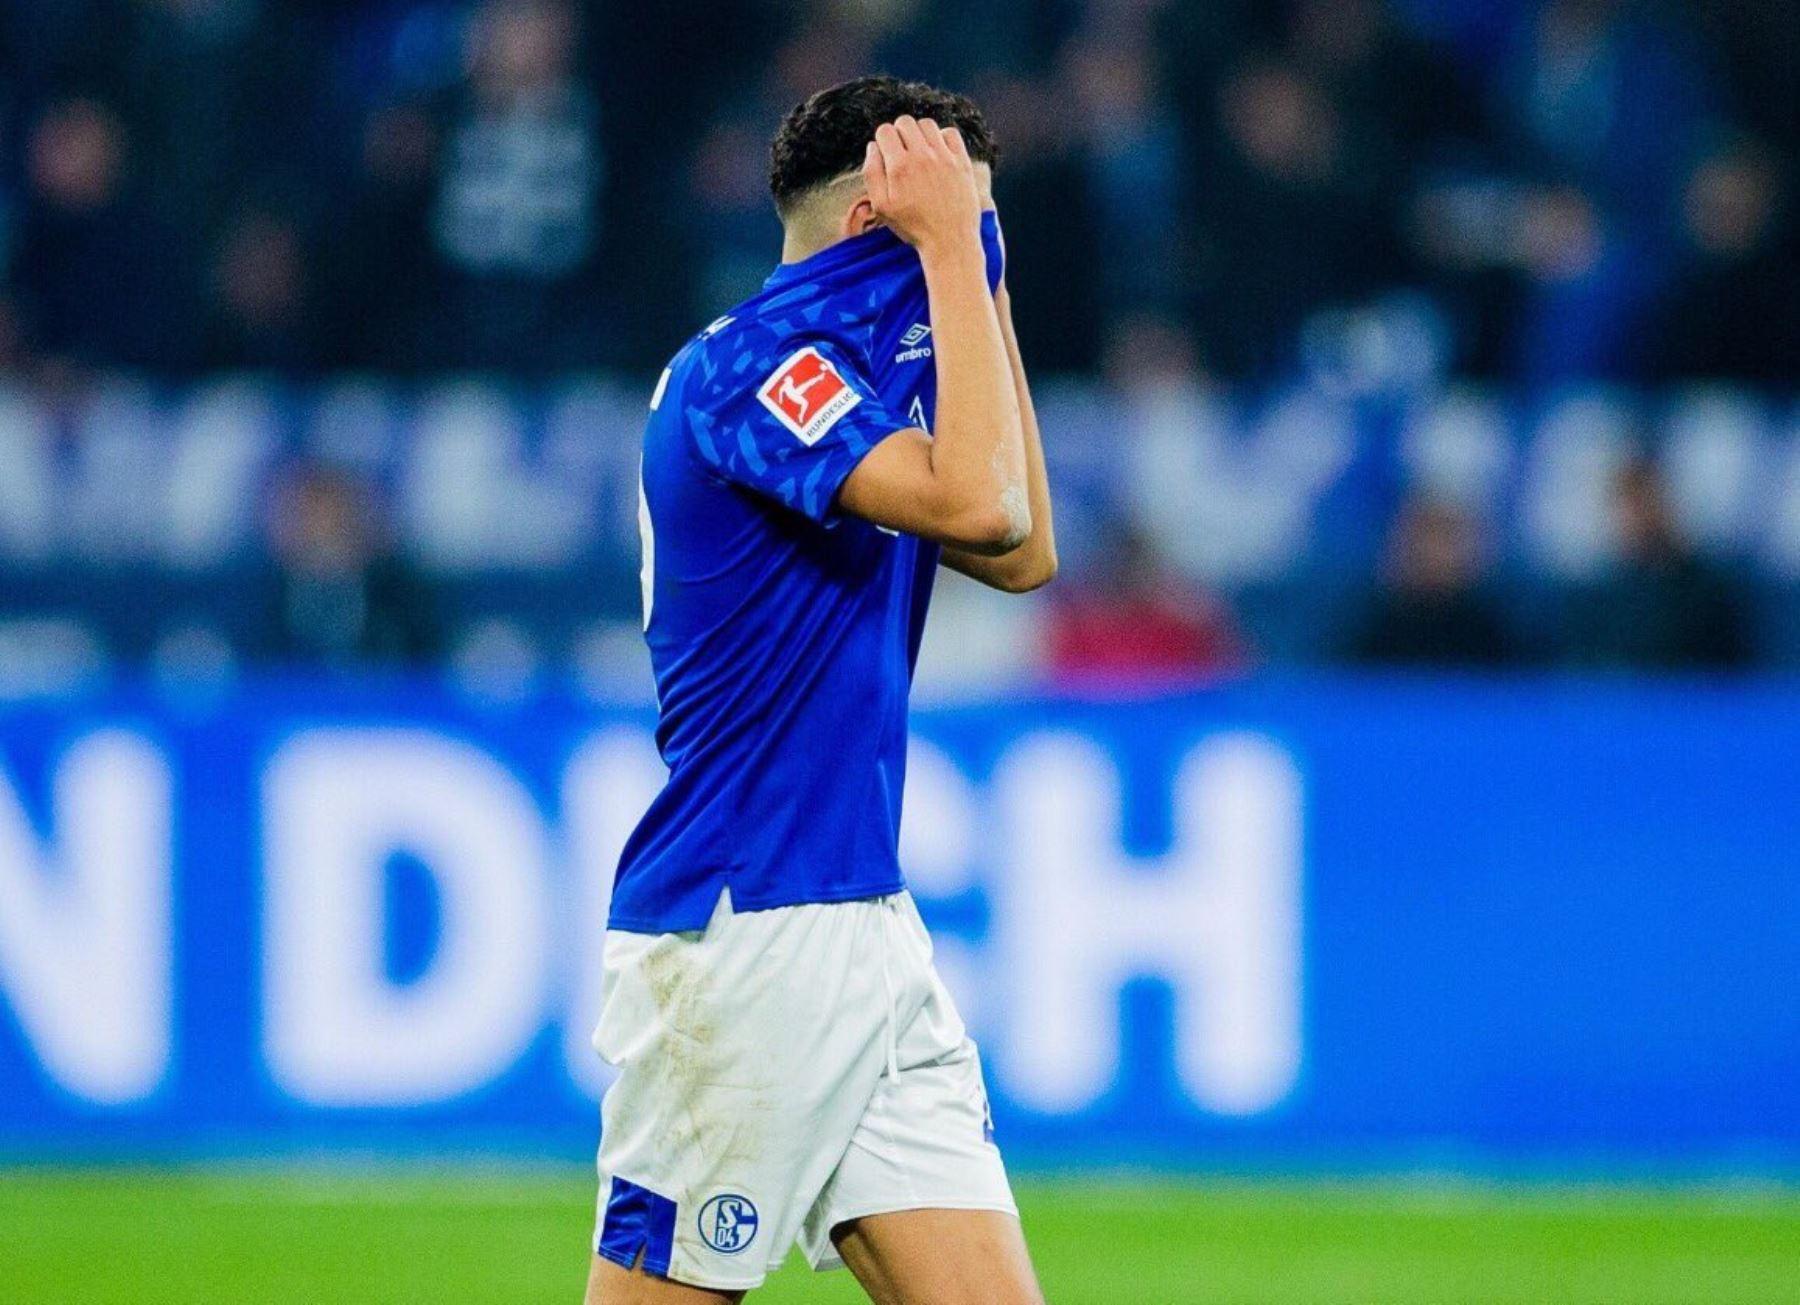 El Schalke 04 pasa por momentos complicas y necesita de un crédito estatal para a hacer frente los estragos de la pandemia